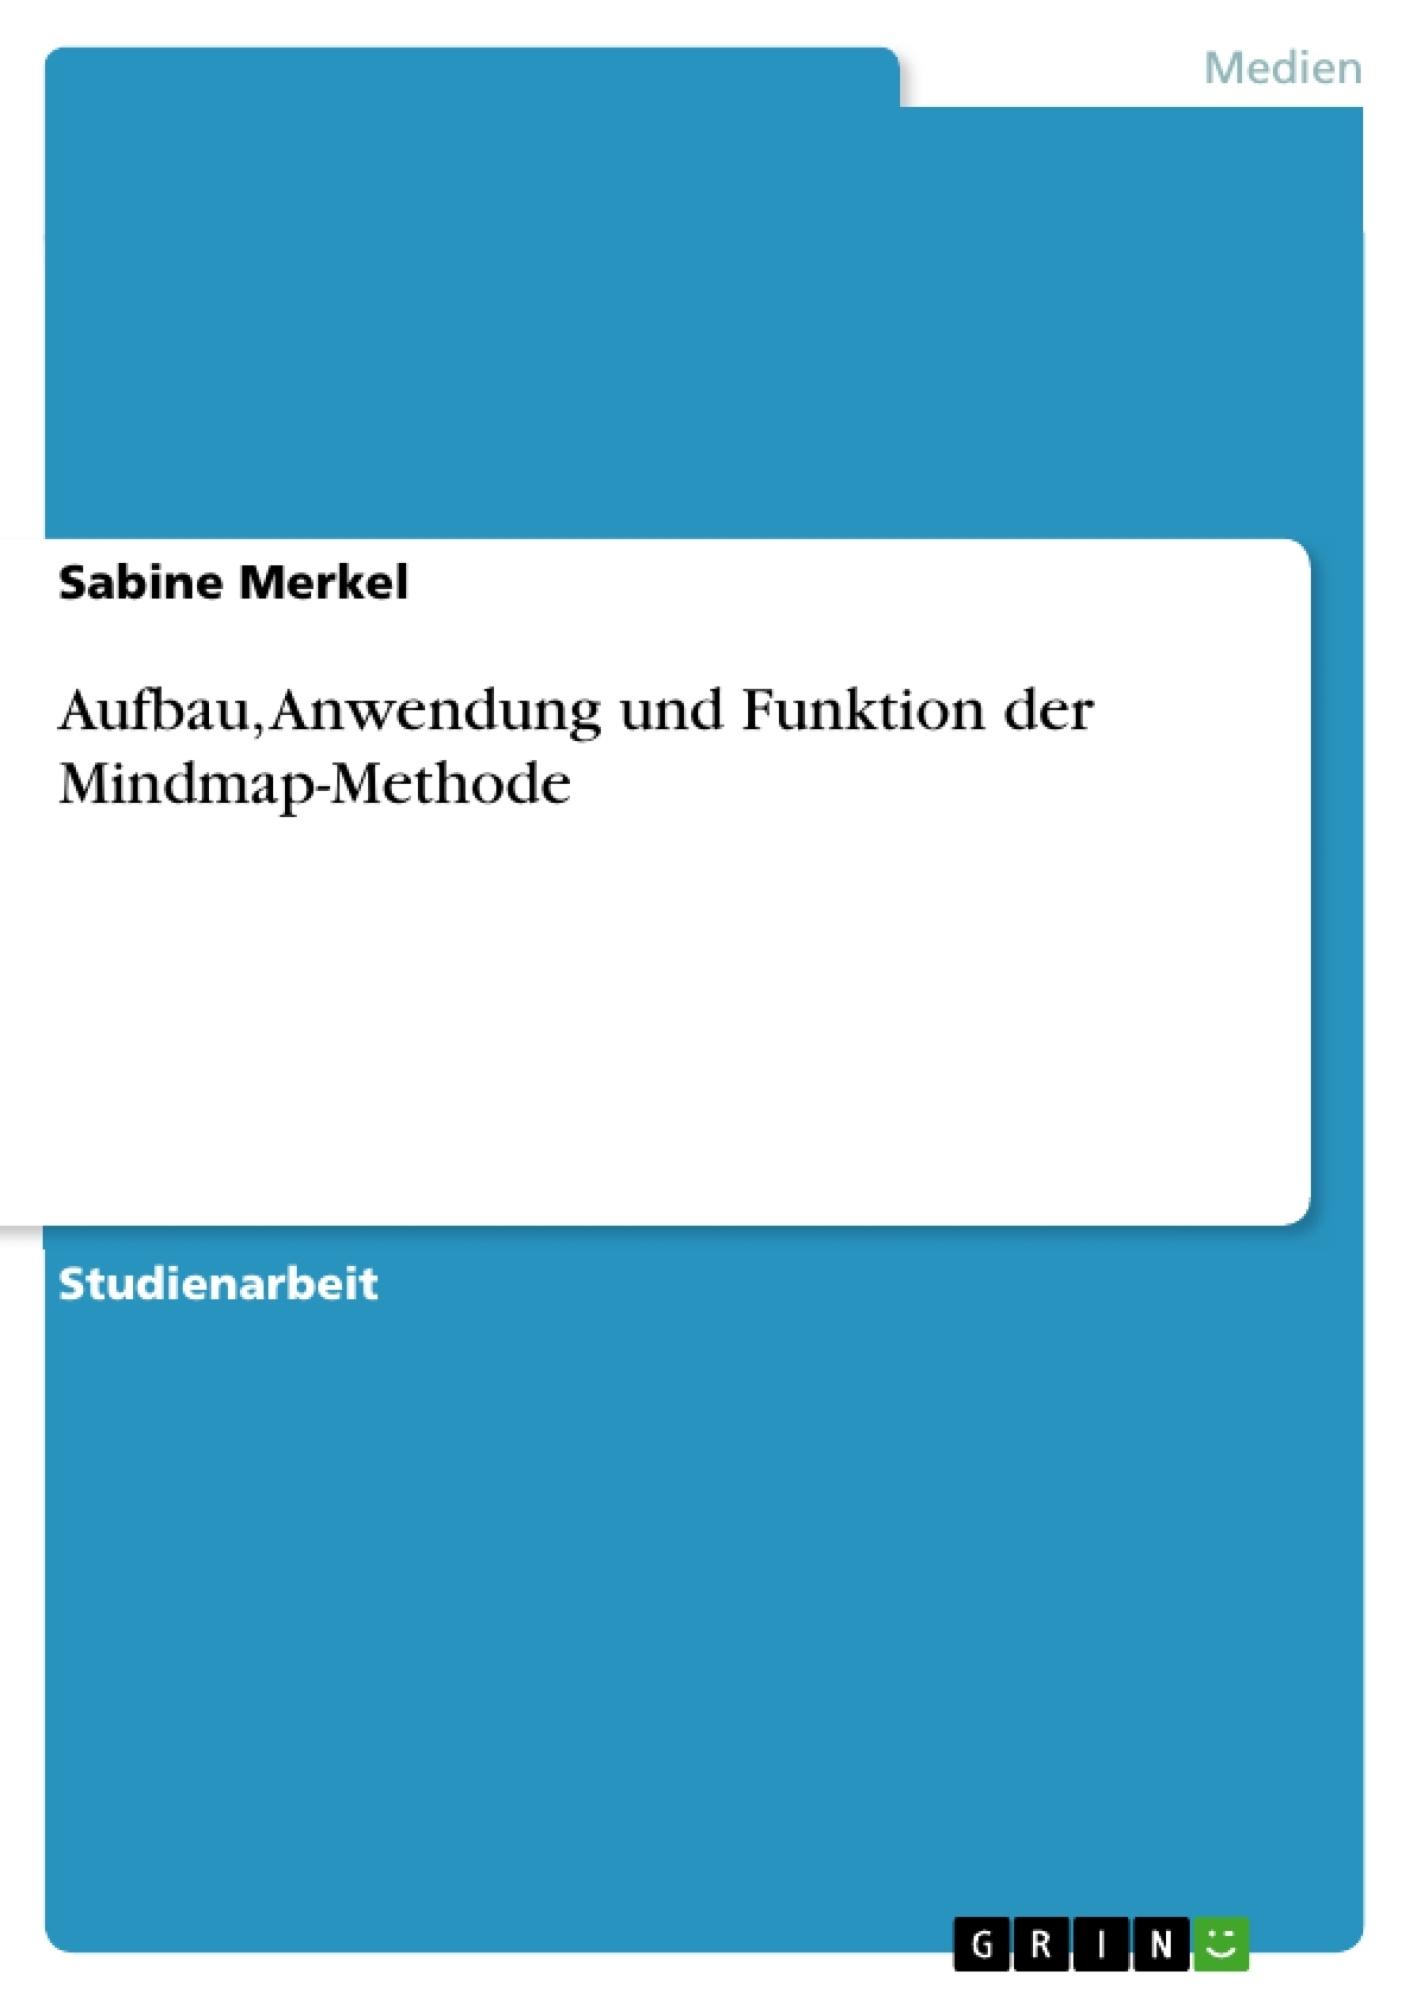 Titel: Aufbau, Anwendung und Funktion der Mindmap-Methode